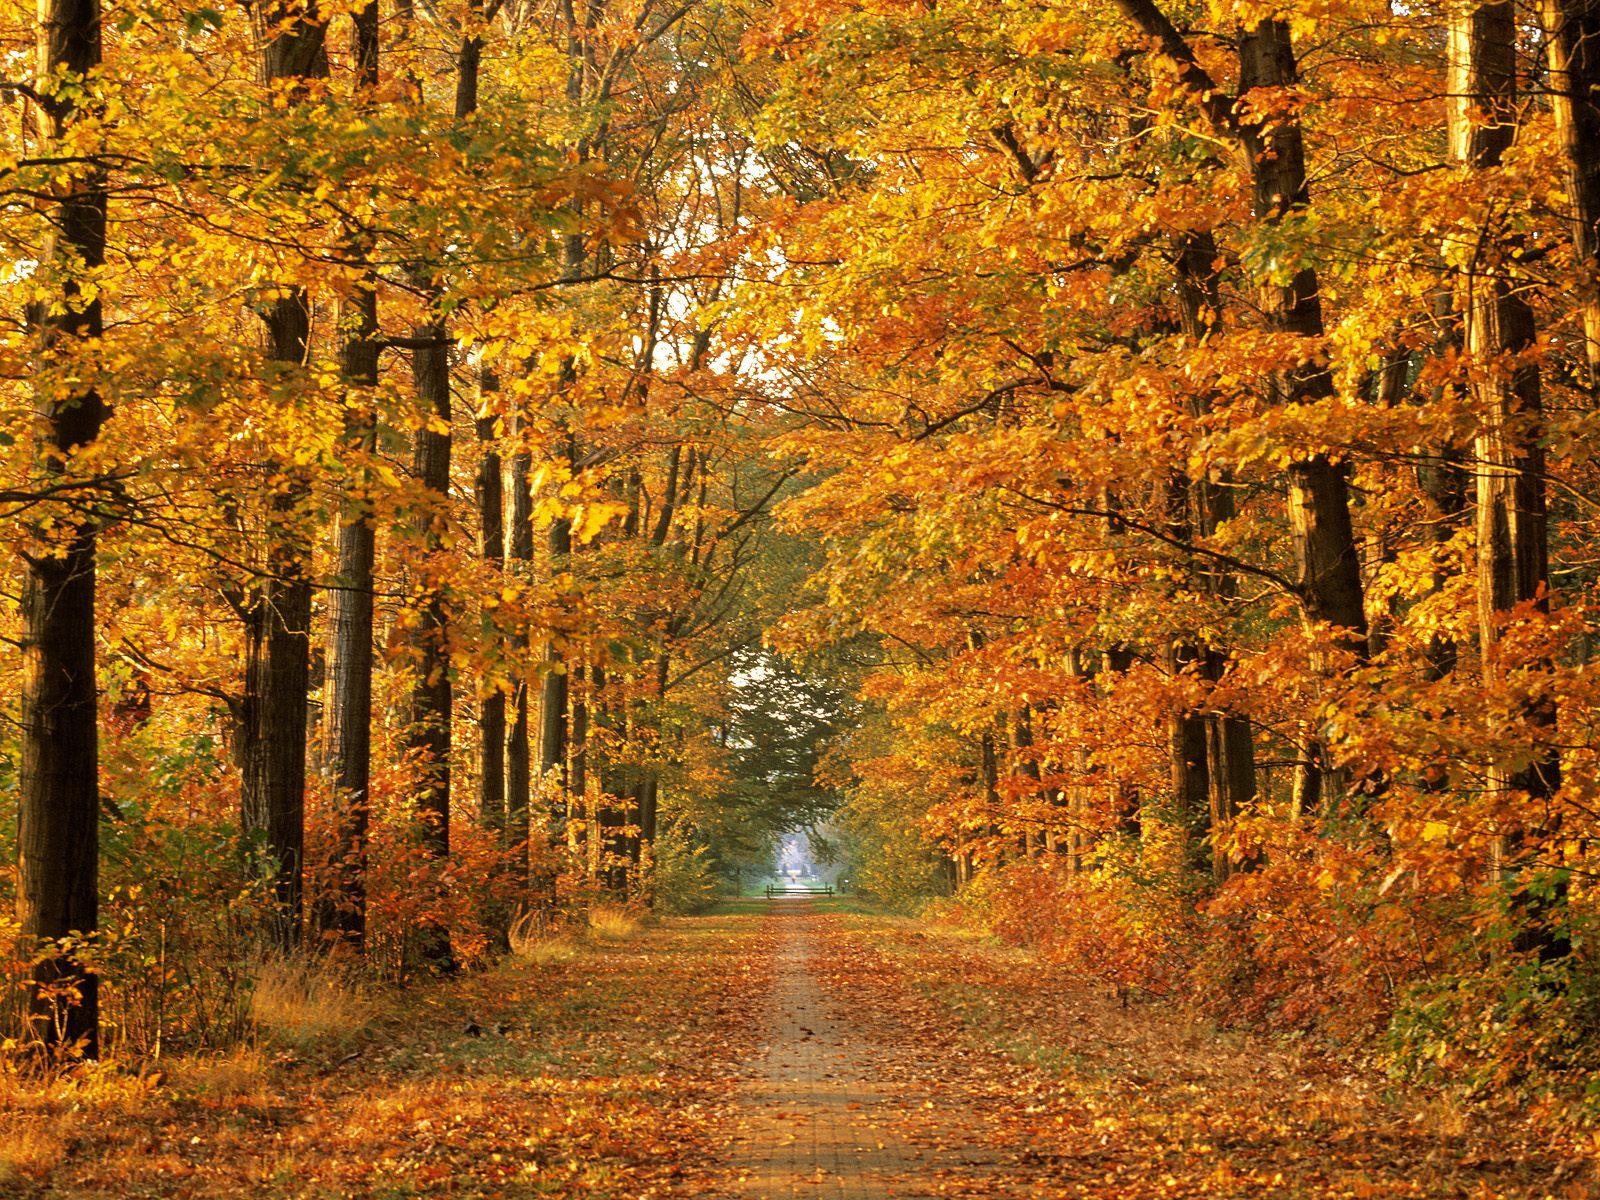 autumn season wallpapers hd - photo #48